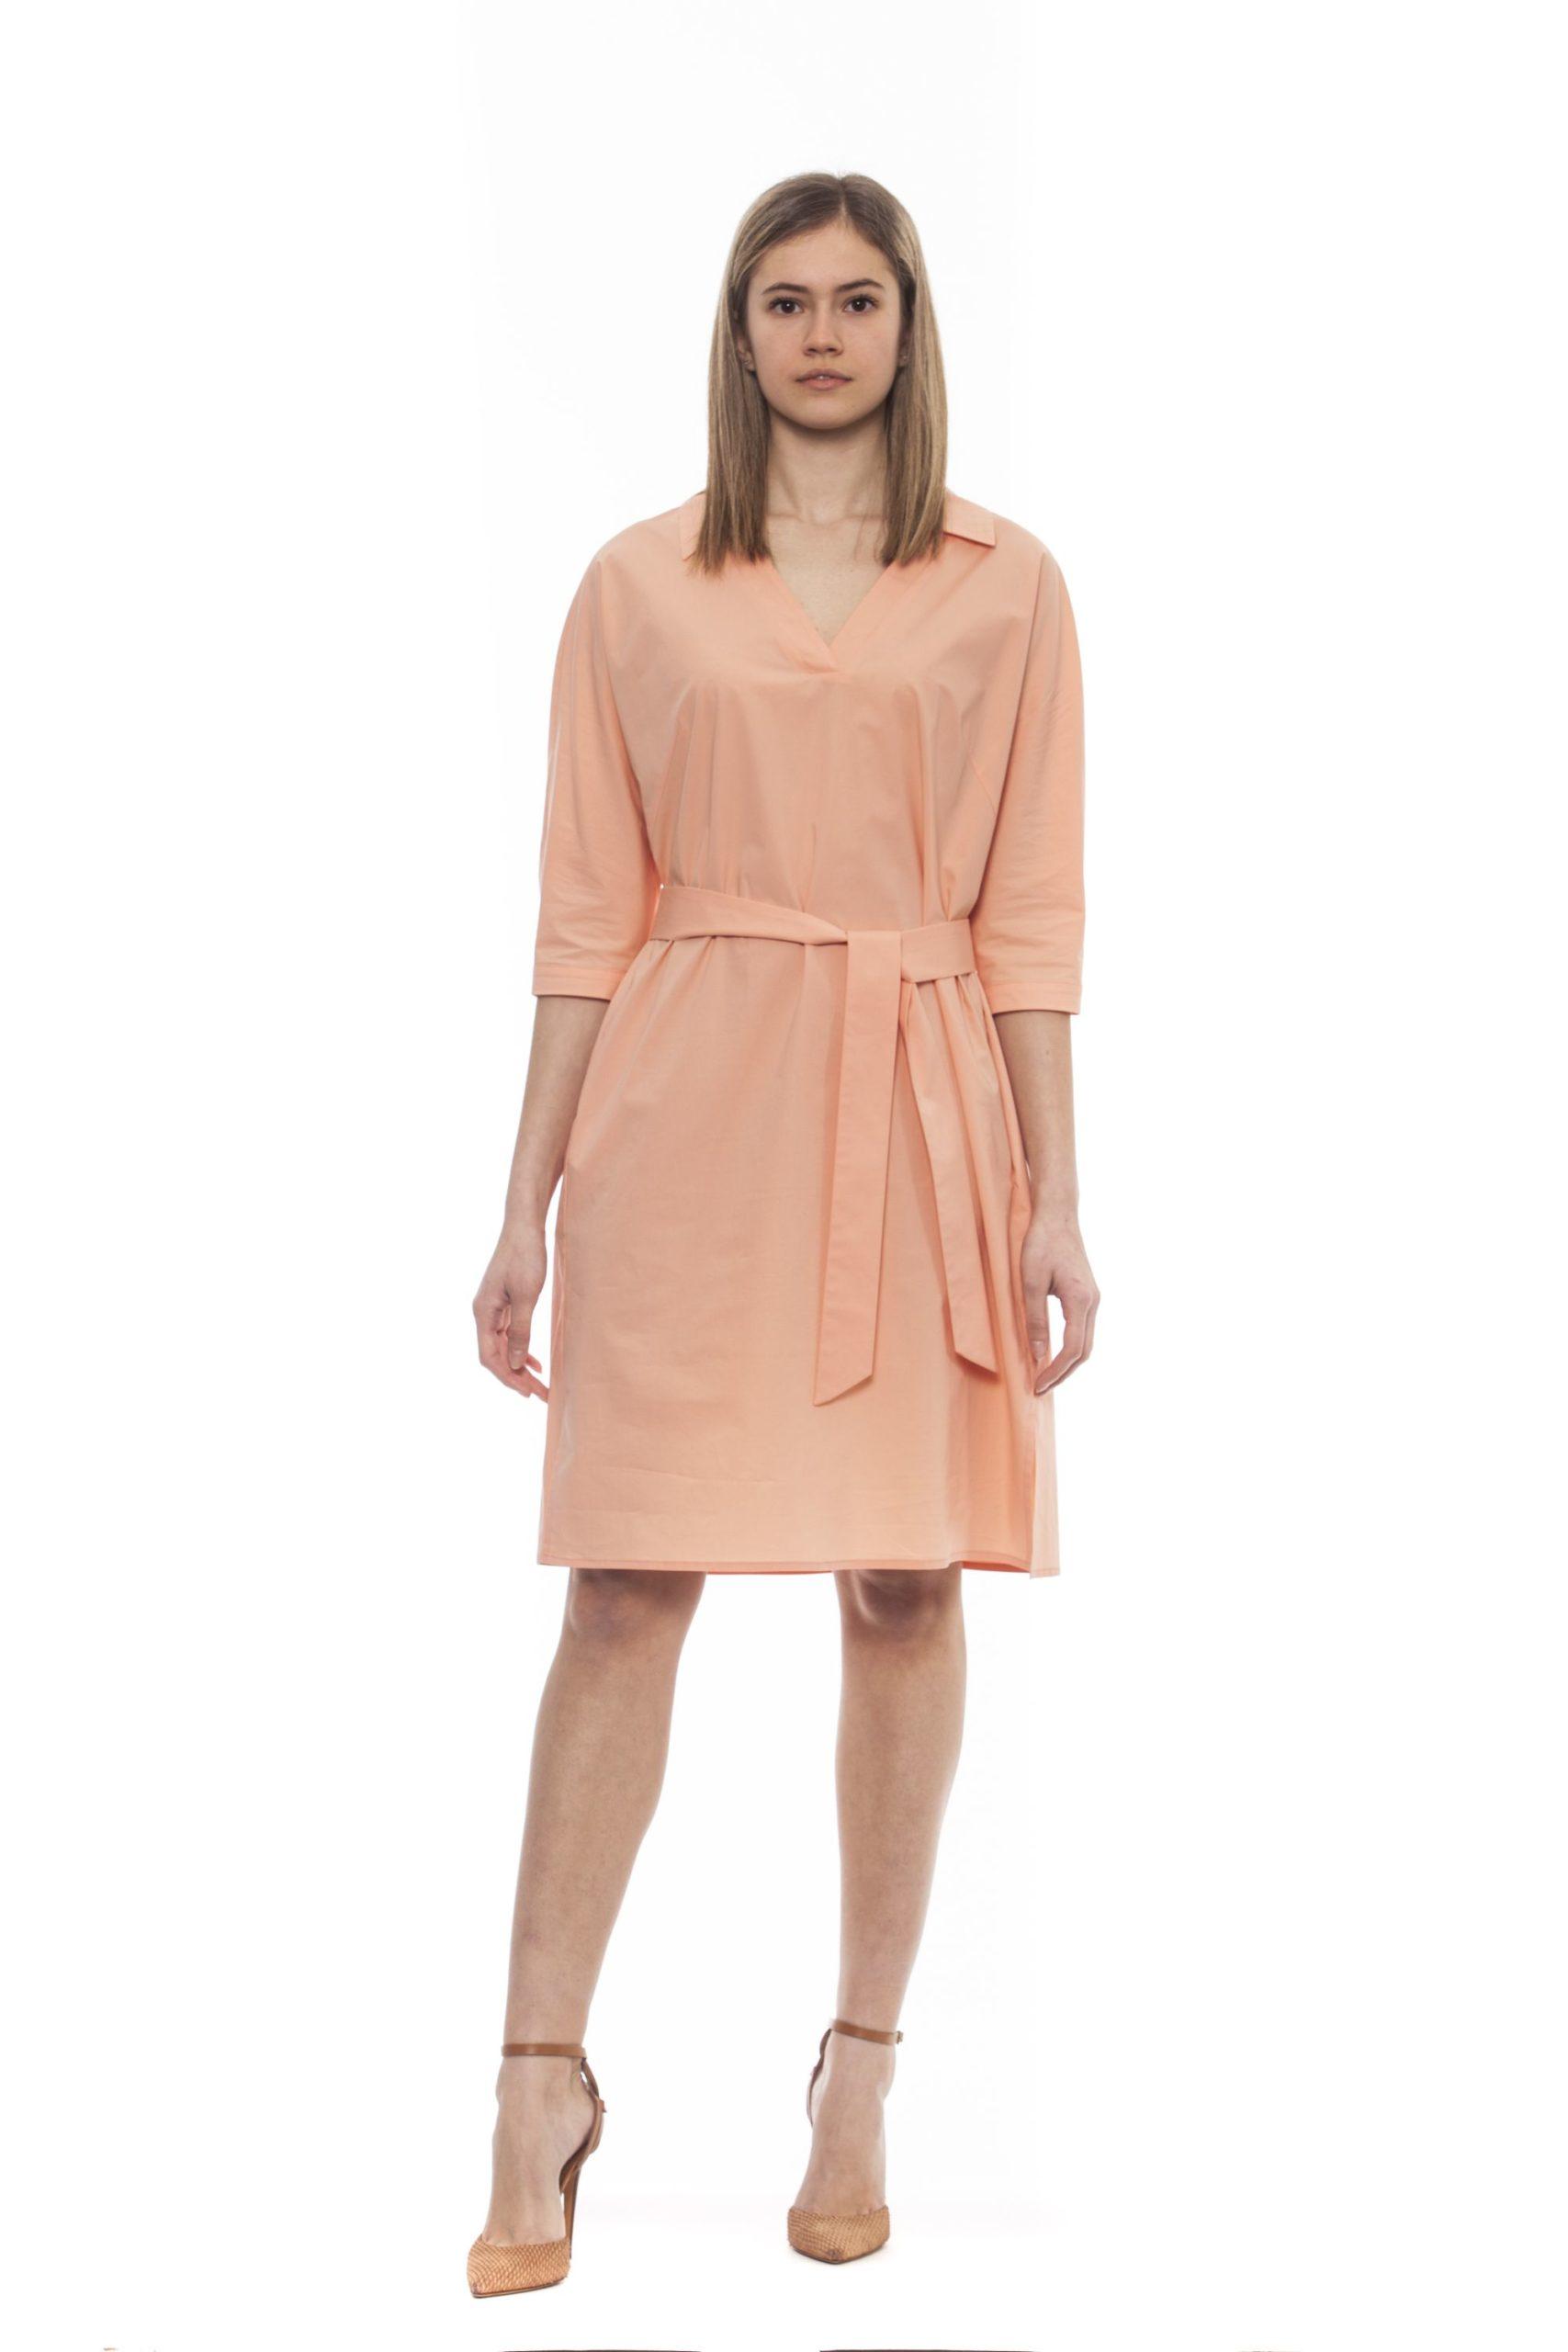 Peserico Women's Marrone Dress Brown PE1383256 - IT42 | S